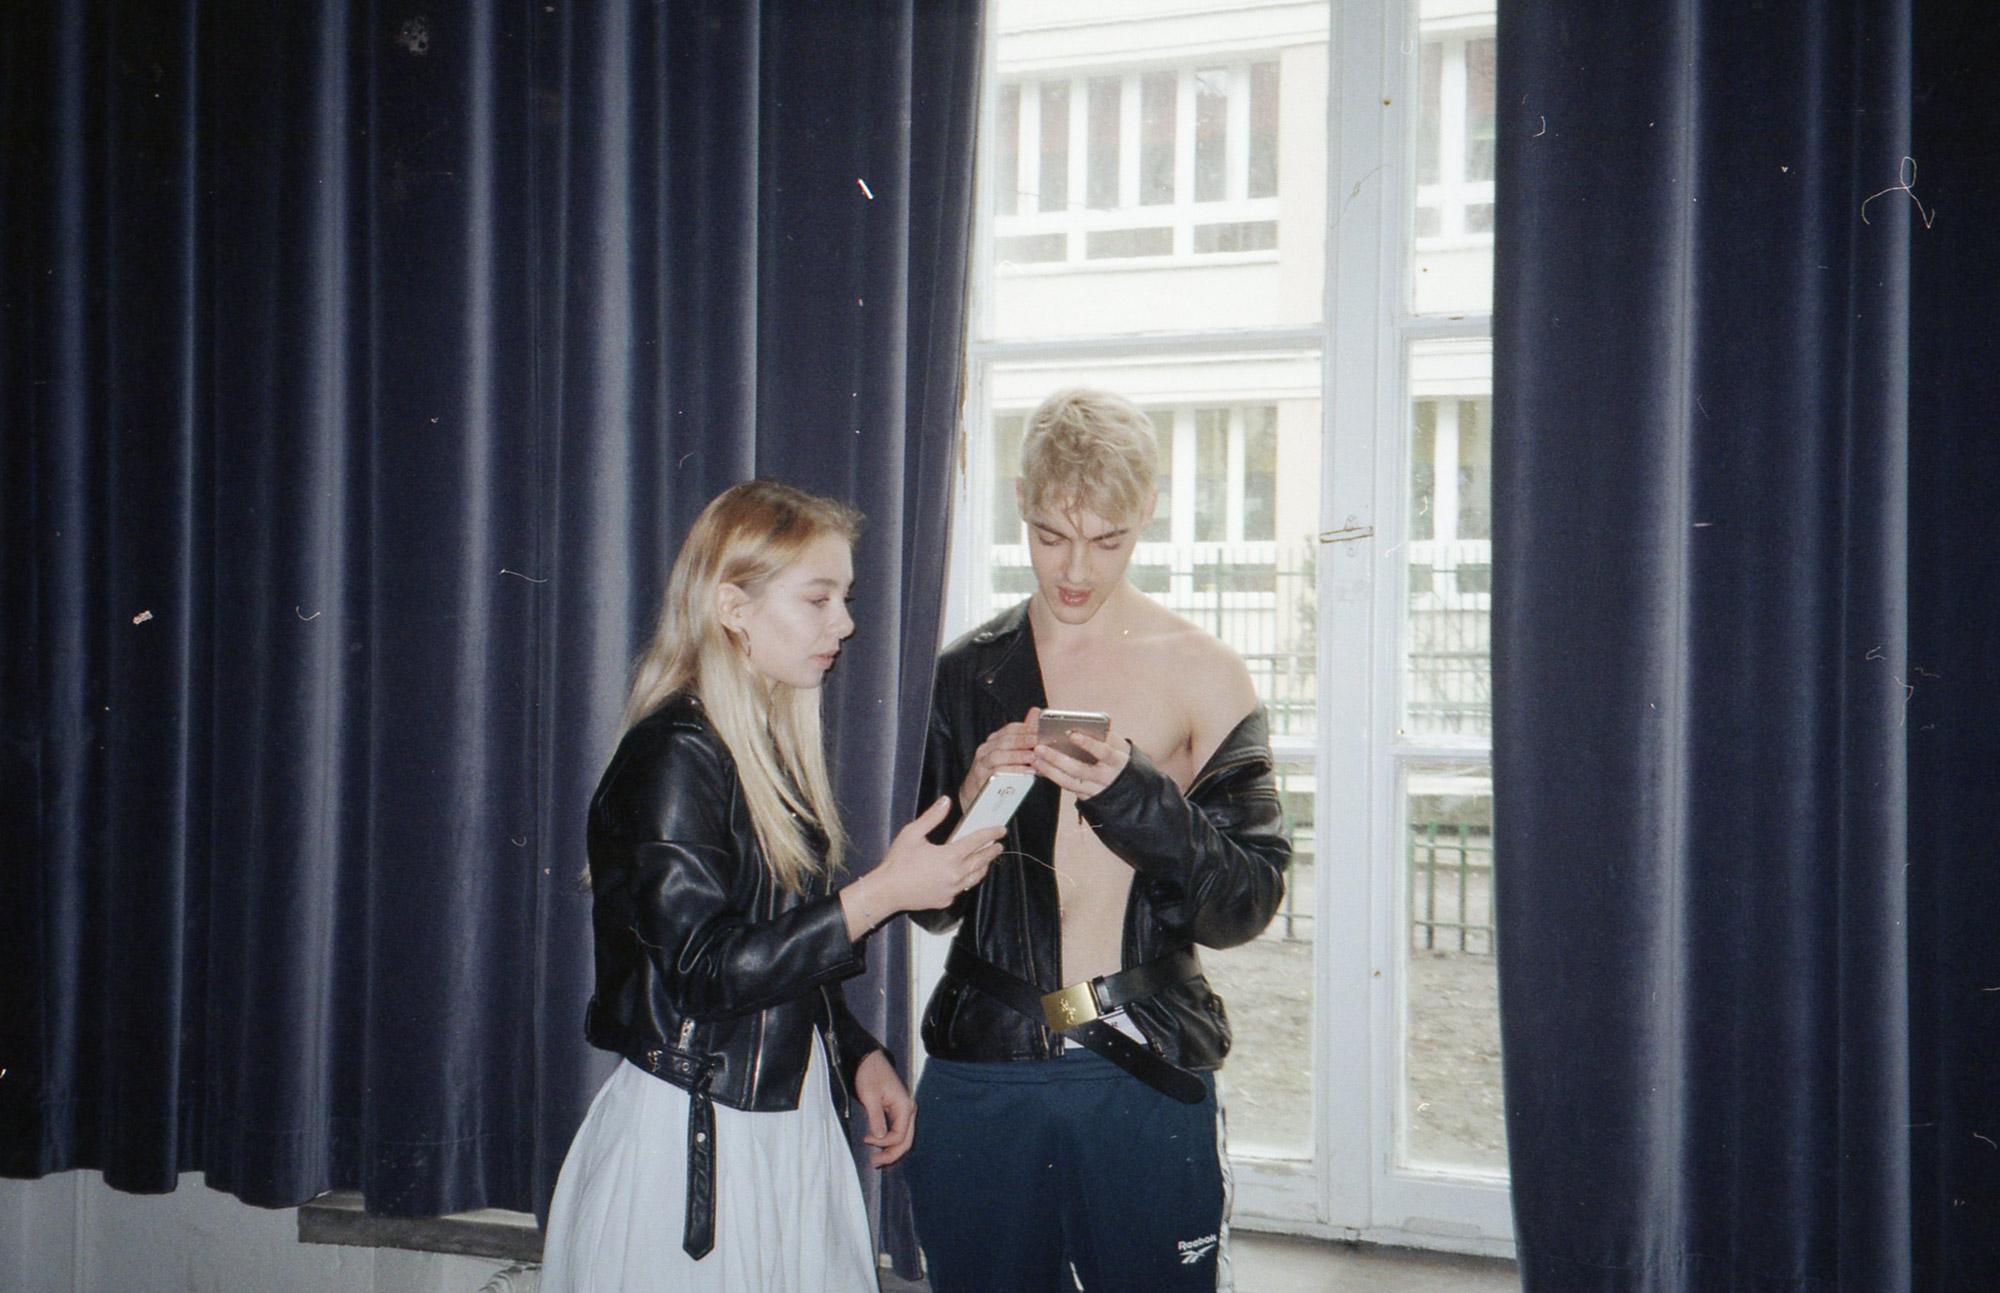 Dziewczyna w białej spódnicy i skórzanej kurtce i chłopak w skórzanej kurtce bez koszulki